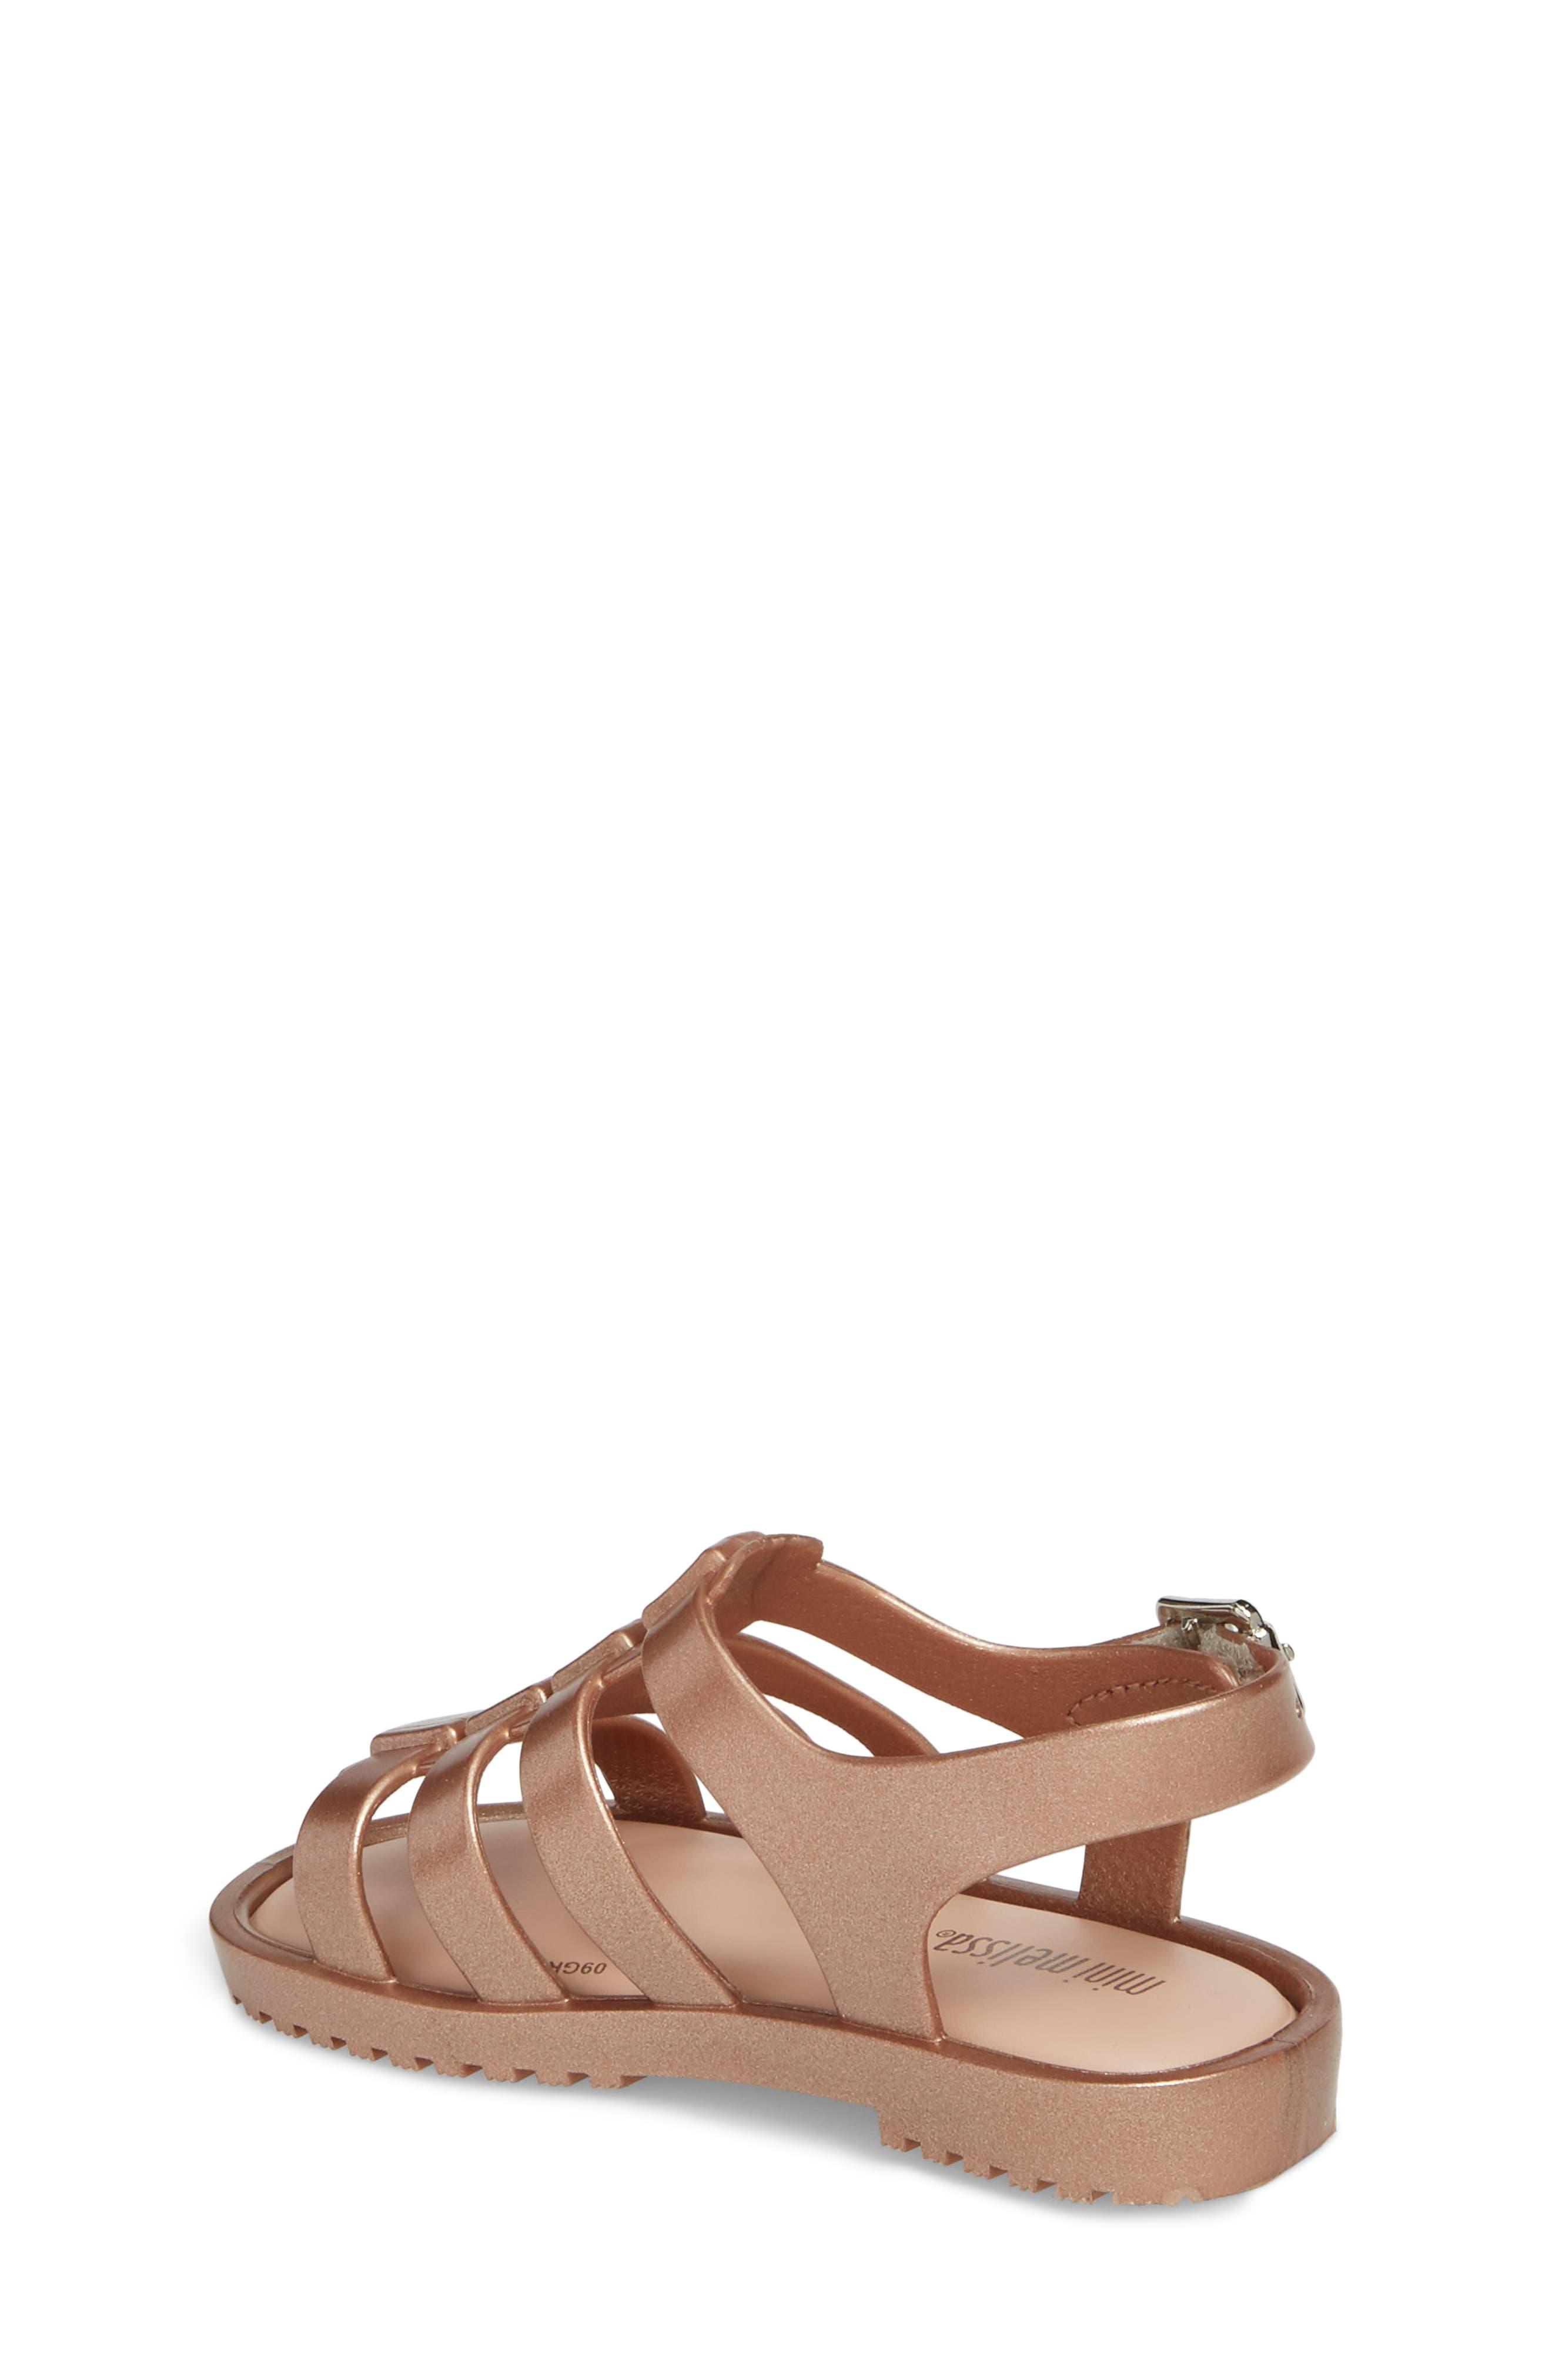 Mini Flox Shine Sandal,                             Alternate thumbnail 2, color,                             Rose Gold